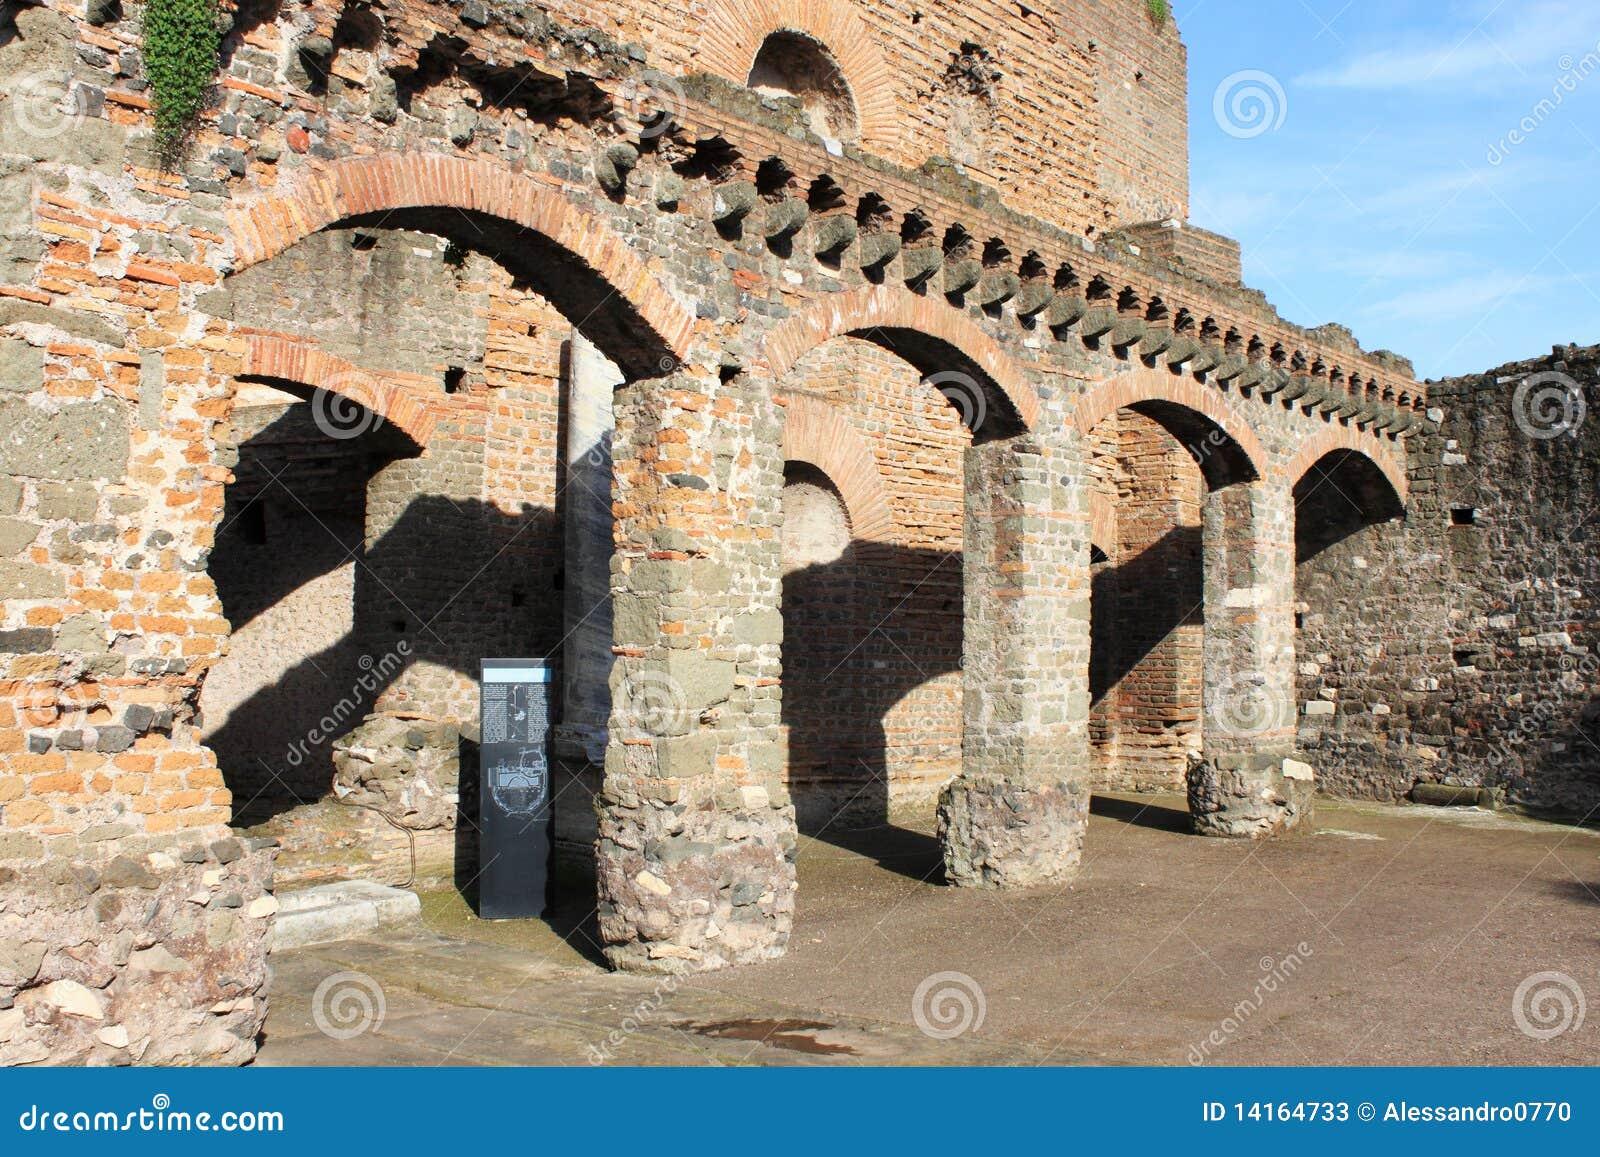 Ancient roman house stock photos image 14164733 - Cuisine de la rome antique ...